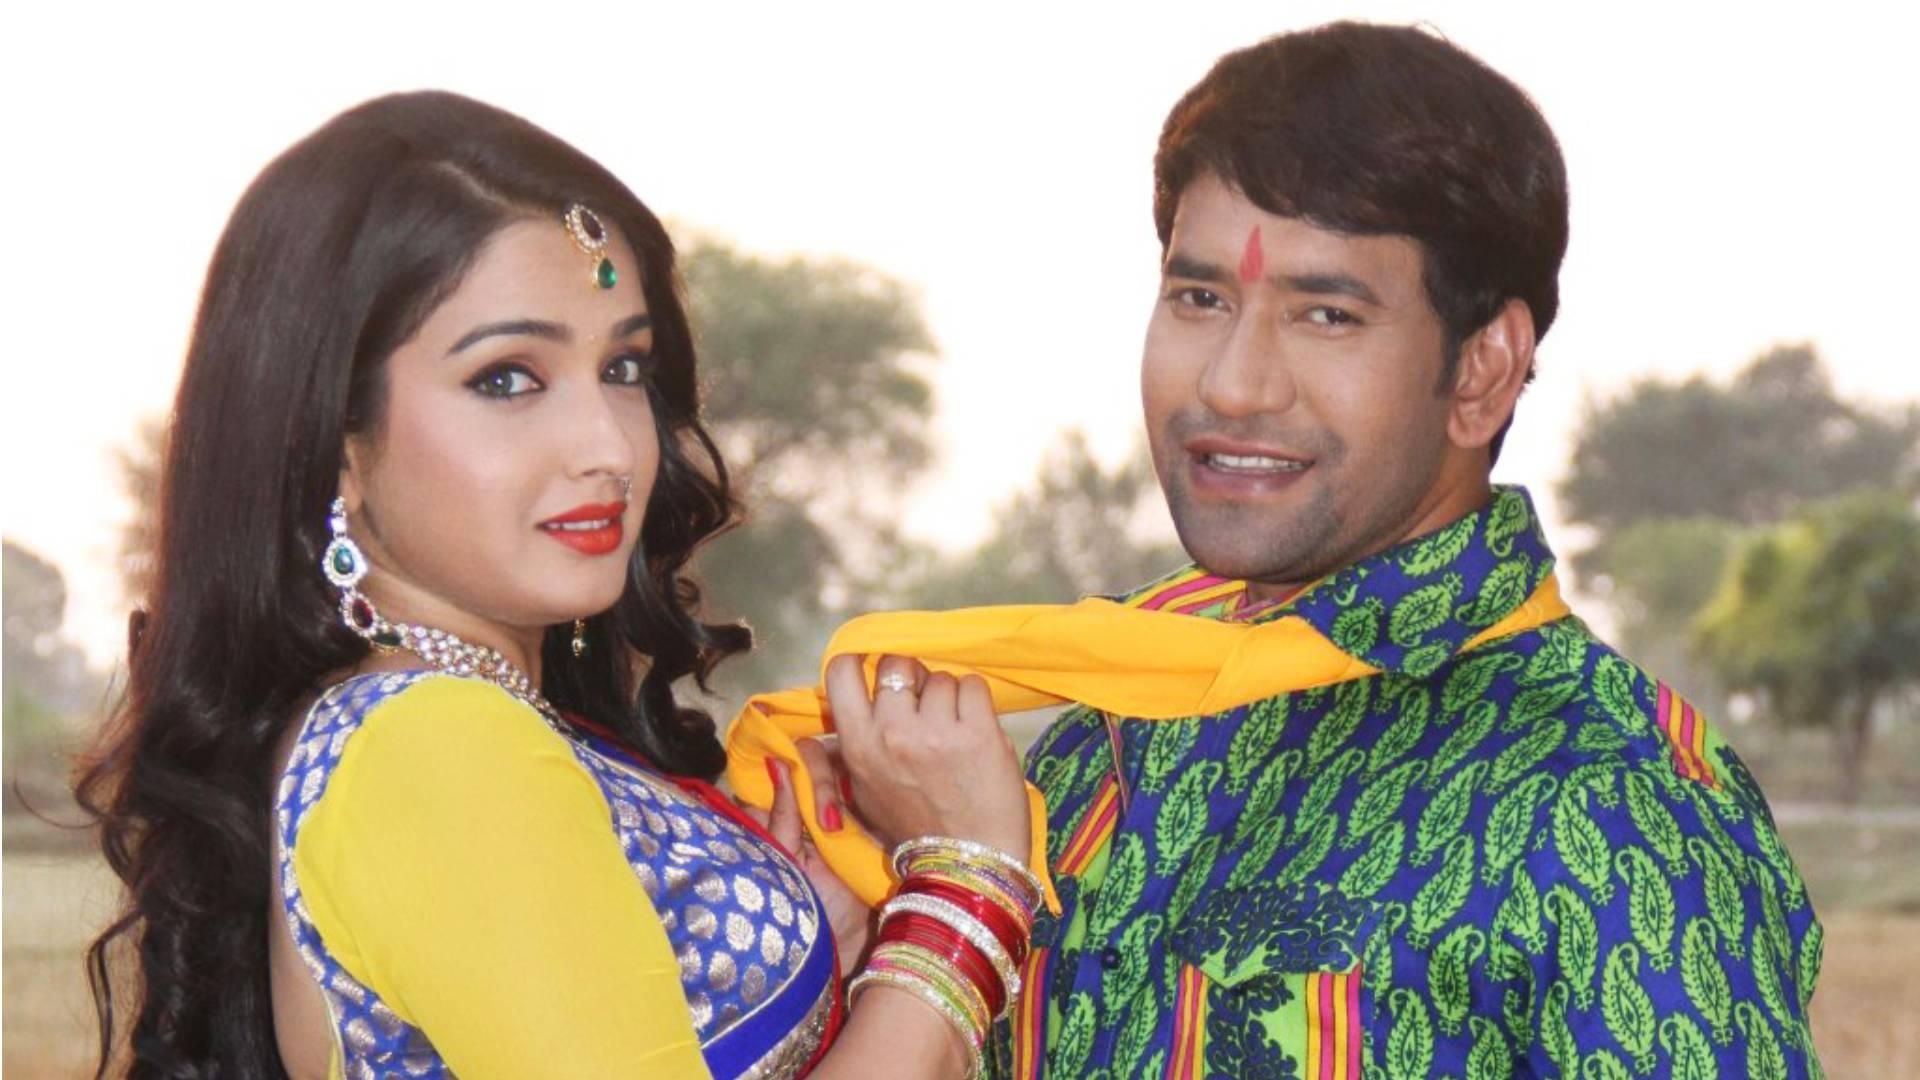 एक बार फिर निरहुआ-आम्रपाली दुबे की जोड़ी इस दिवाली करेगी धमाल, रिलीज होगी भोजपुरी फिल्म 'मुकद्दर का सिकंदर'